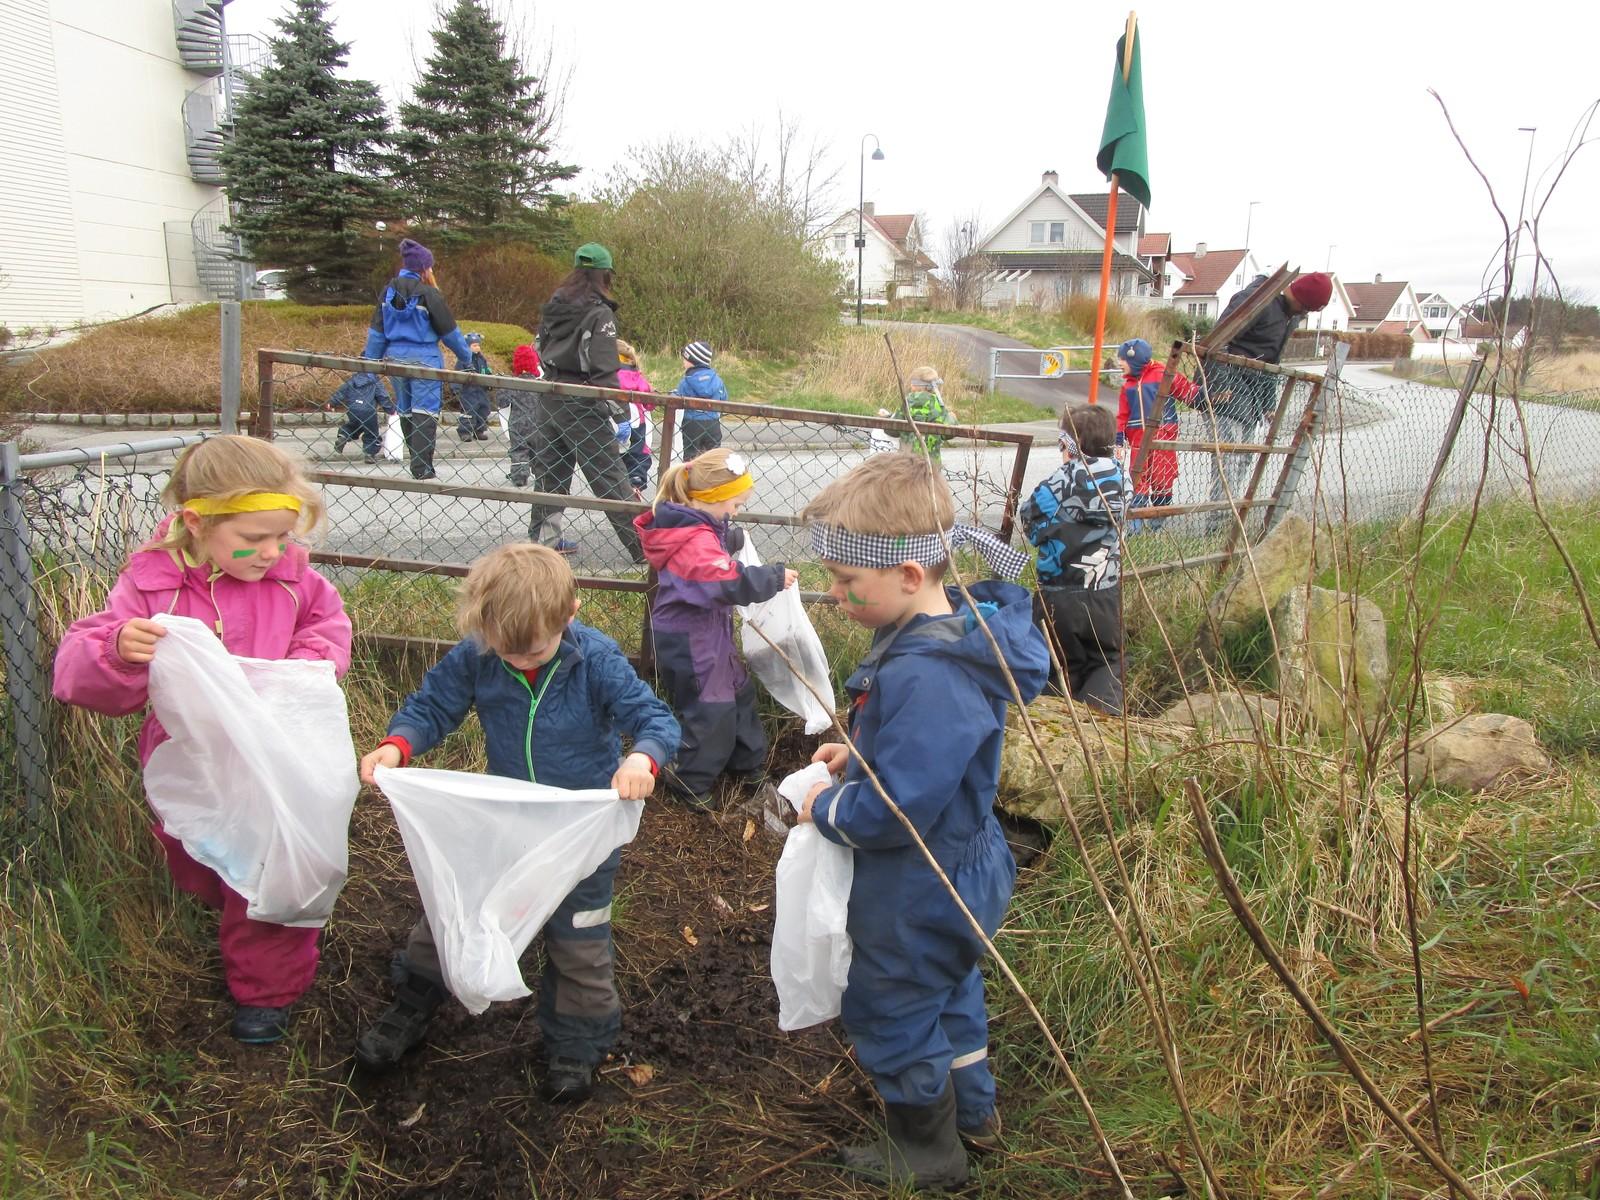 Miljøpiratene i Rodamyr barnehage i Tananger har deltatt. Med miljøflagget på slep fant de to stappfulle søppelsekker, inkludert en miksmaster, i heia. – De har hatt en verdifull dag. Miljø er å beskytte, sa en fem år gammel gutt etterpå.